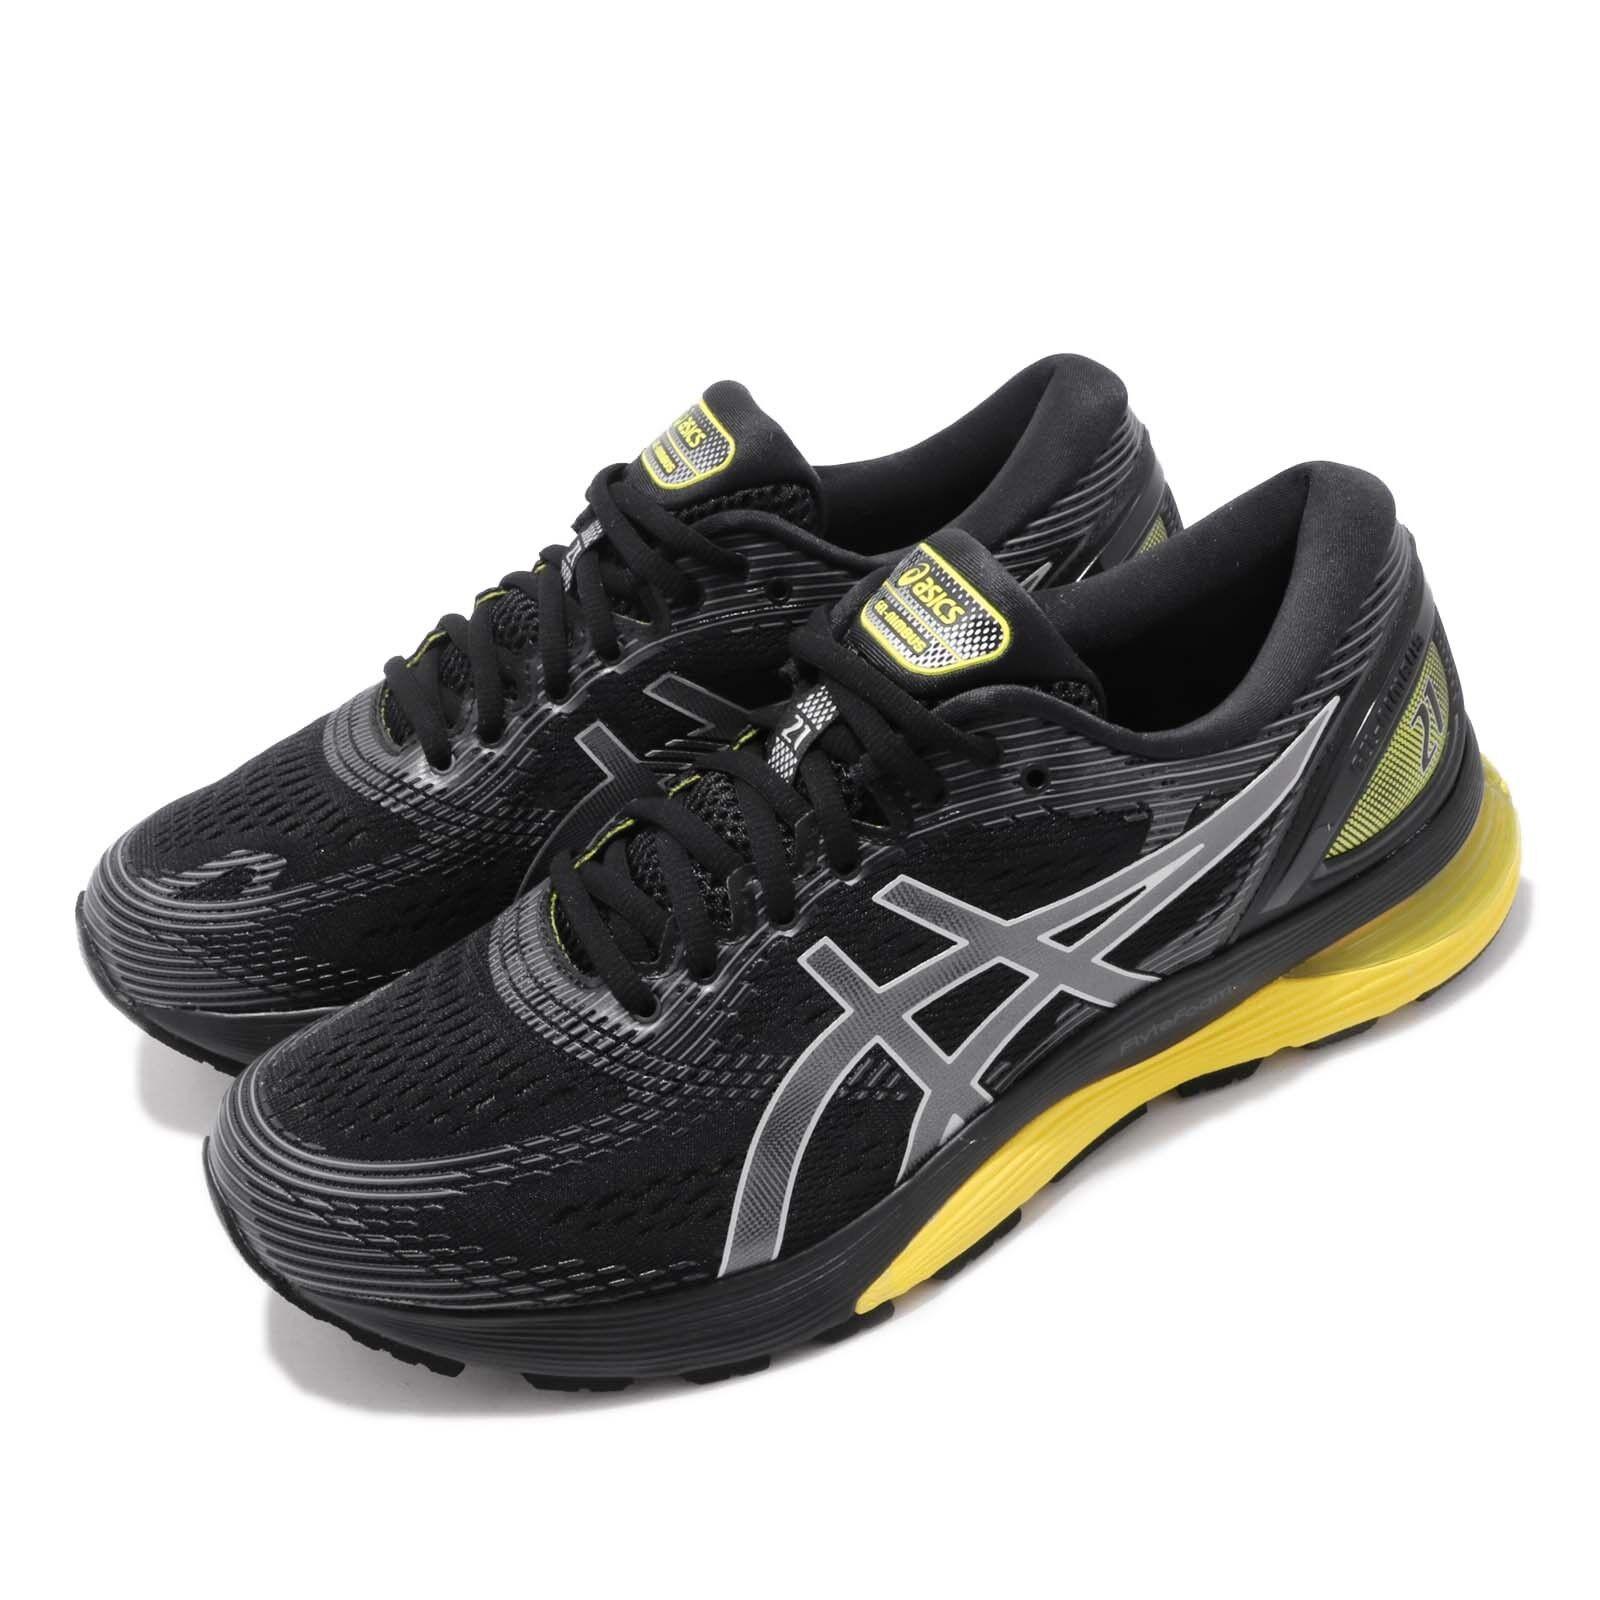 Asics Gel Nimbus 21 Negro Limón Spark Hombres Correr Zapatos Tenis 1011A169-003